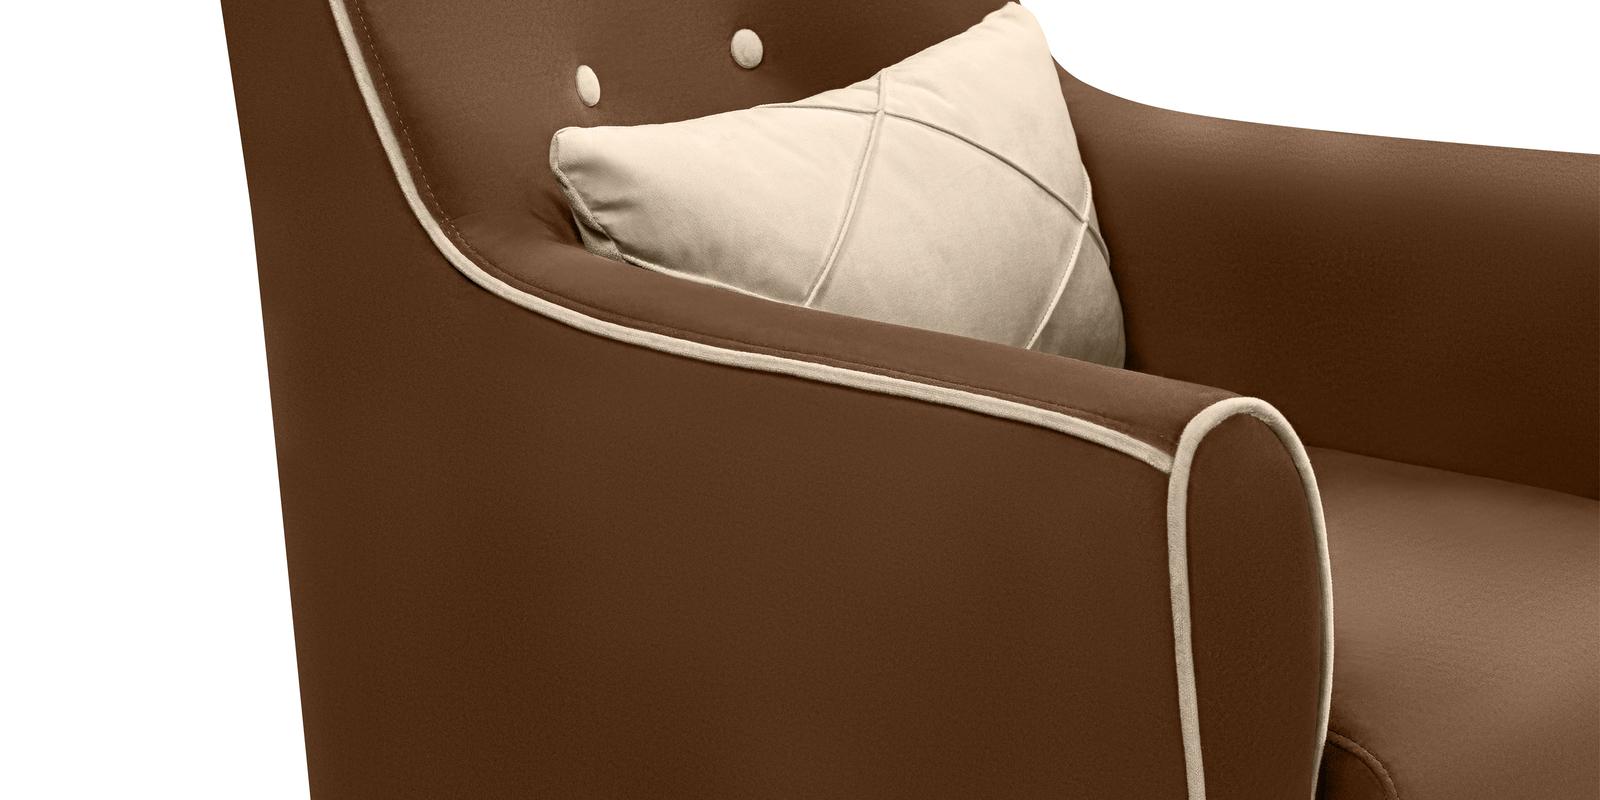 Кресло тканевое Флэтфорд Velure коричневый/бежевый (Велюр)